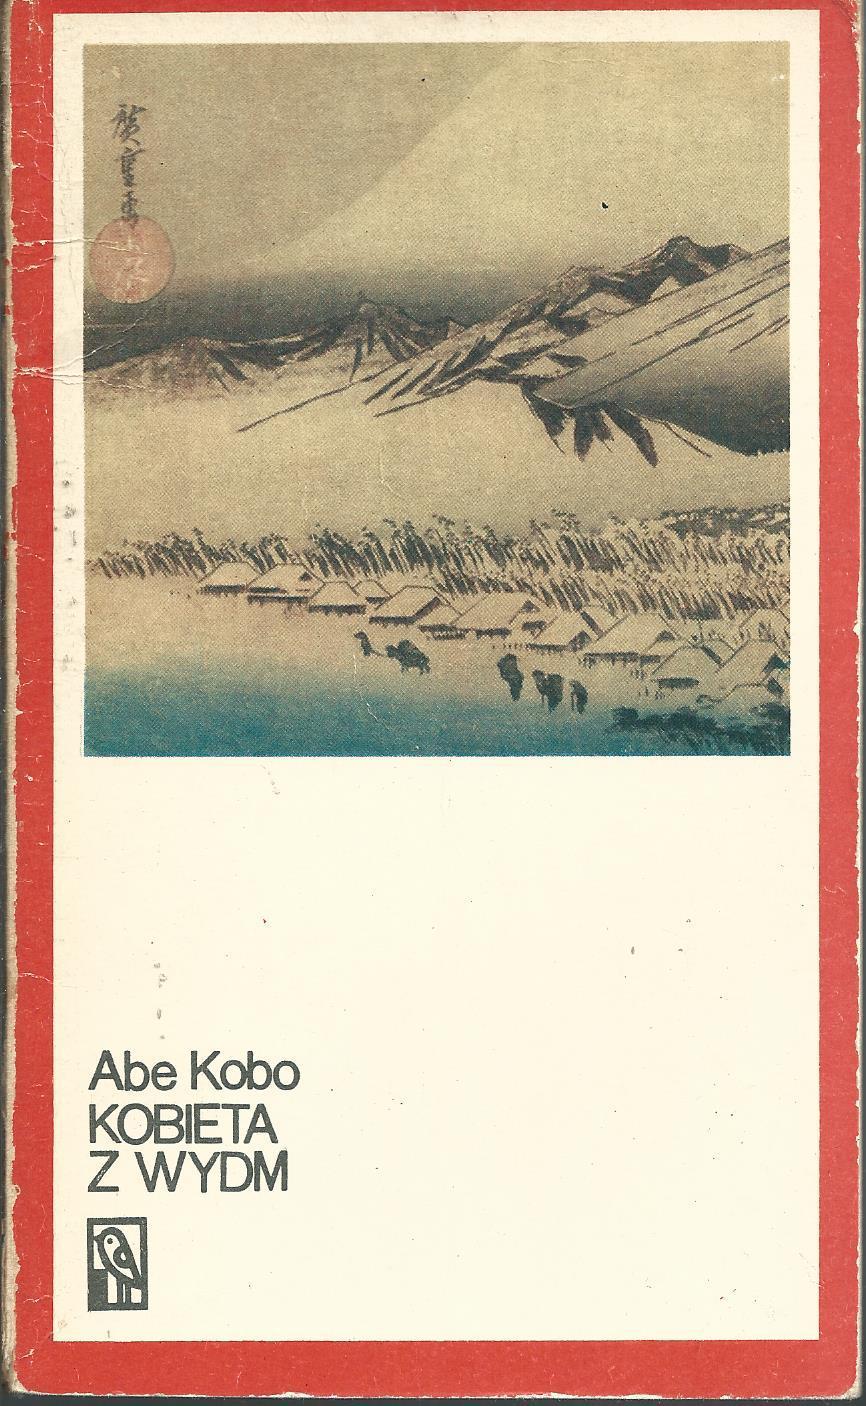 Znalezione obrazy dla zapytania Abe Kobo : Kobieta z wydm 1971